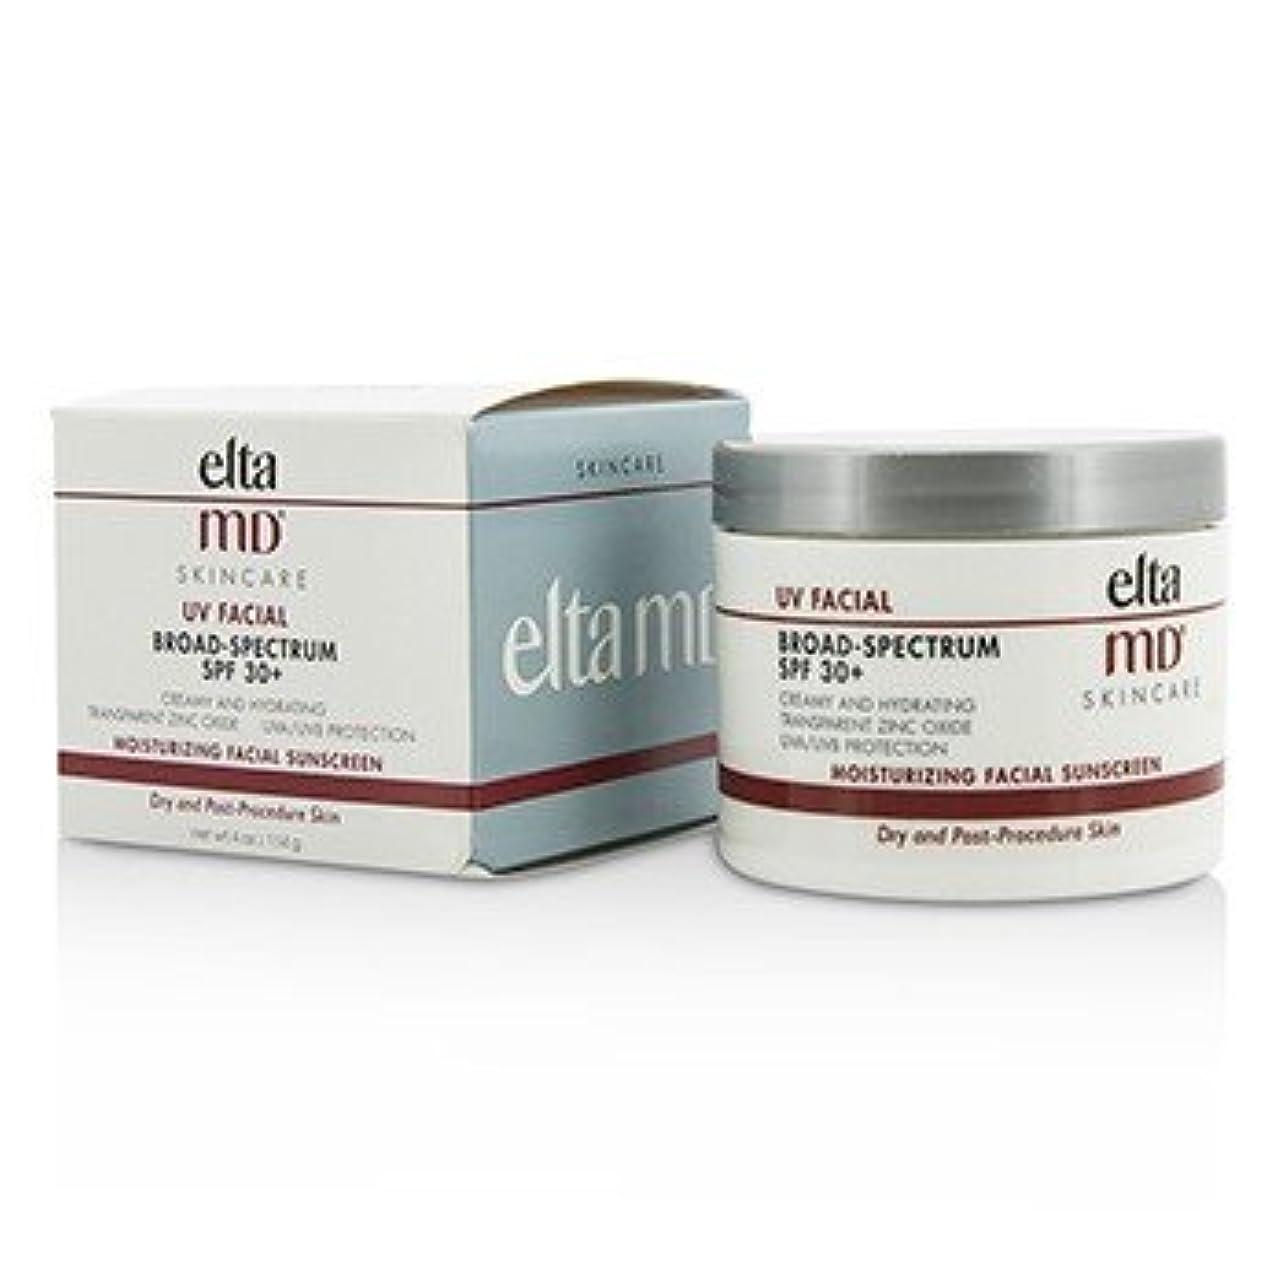 道徳のベルトミサイル[EltaMD] UV Facial Moisturizing Facial Sunscreen SPF 30 - For Dry & Post Procedure Skin 114g/4oz